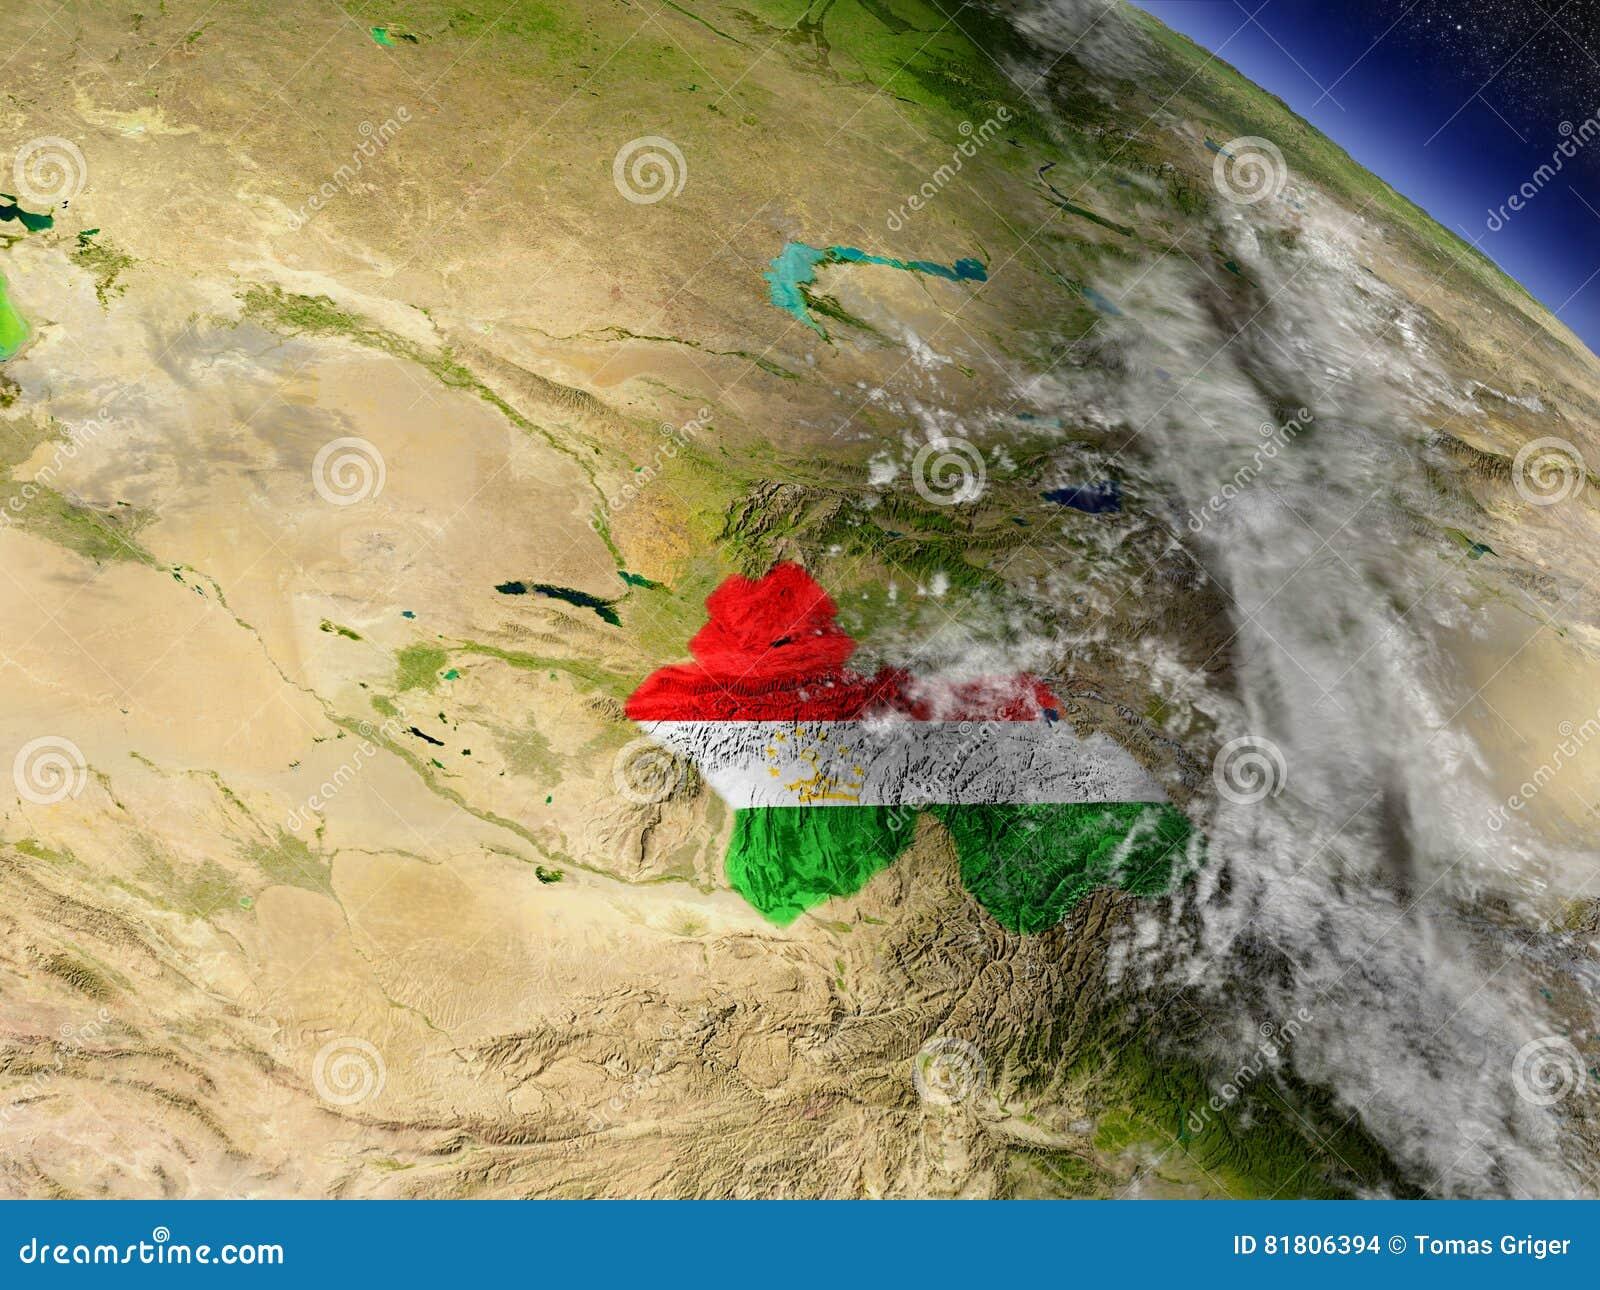 Таджикистан с врезанным флагом на земле